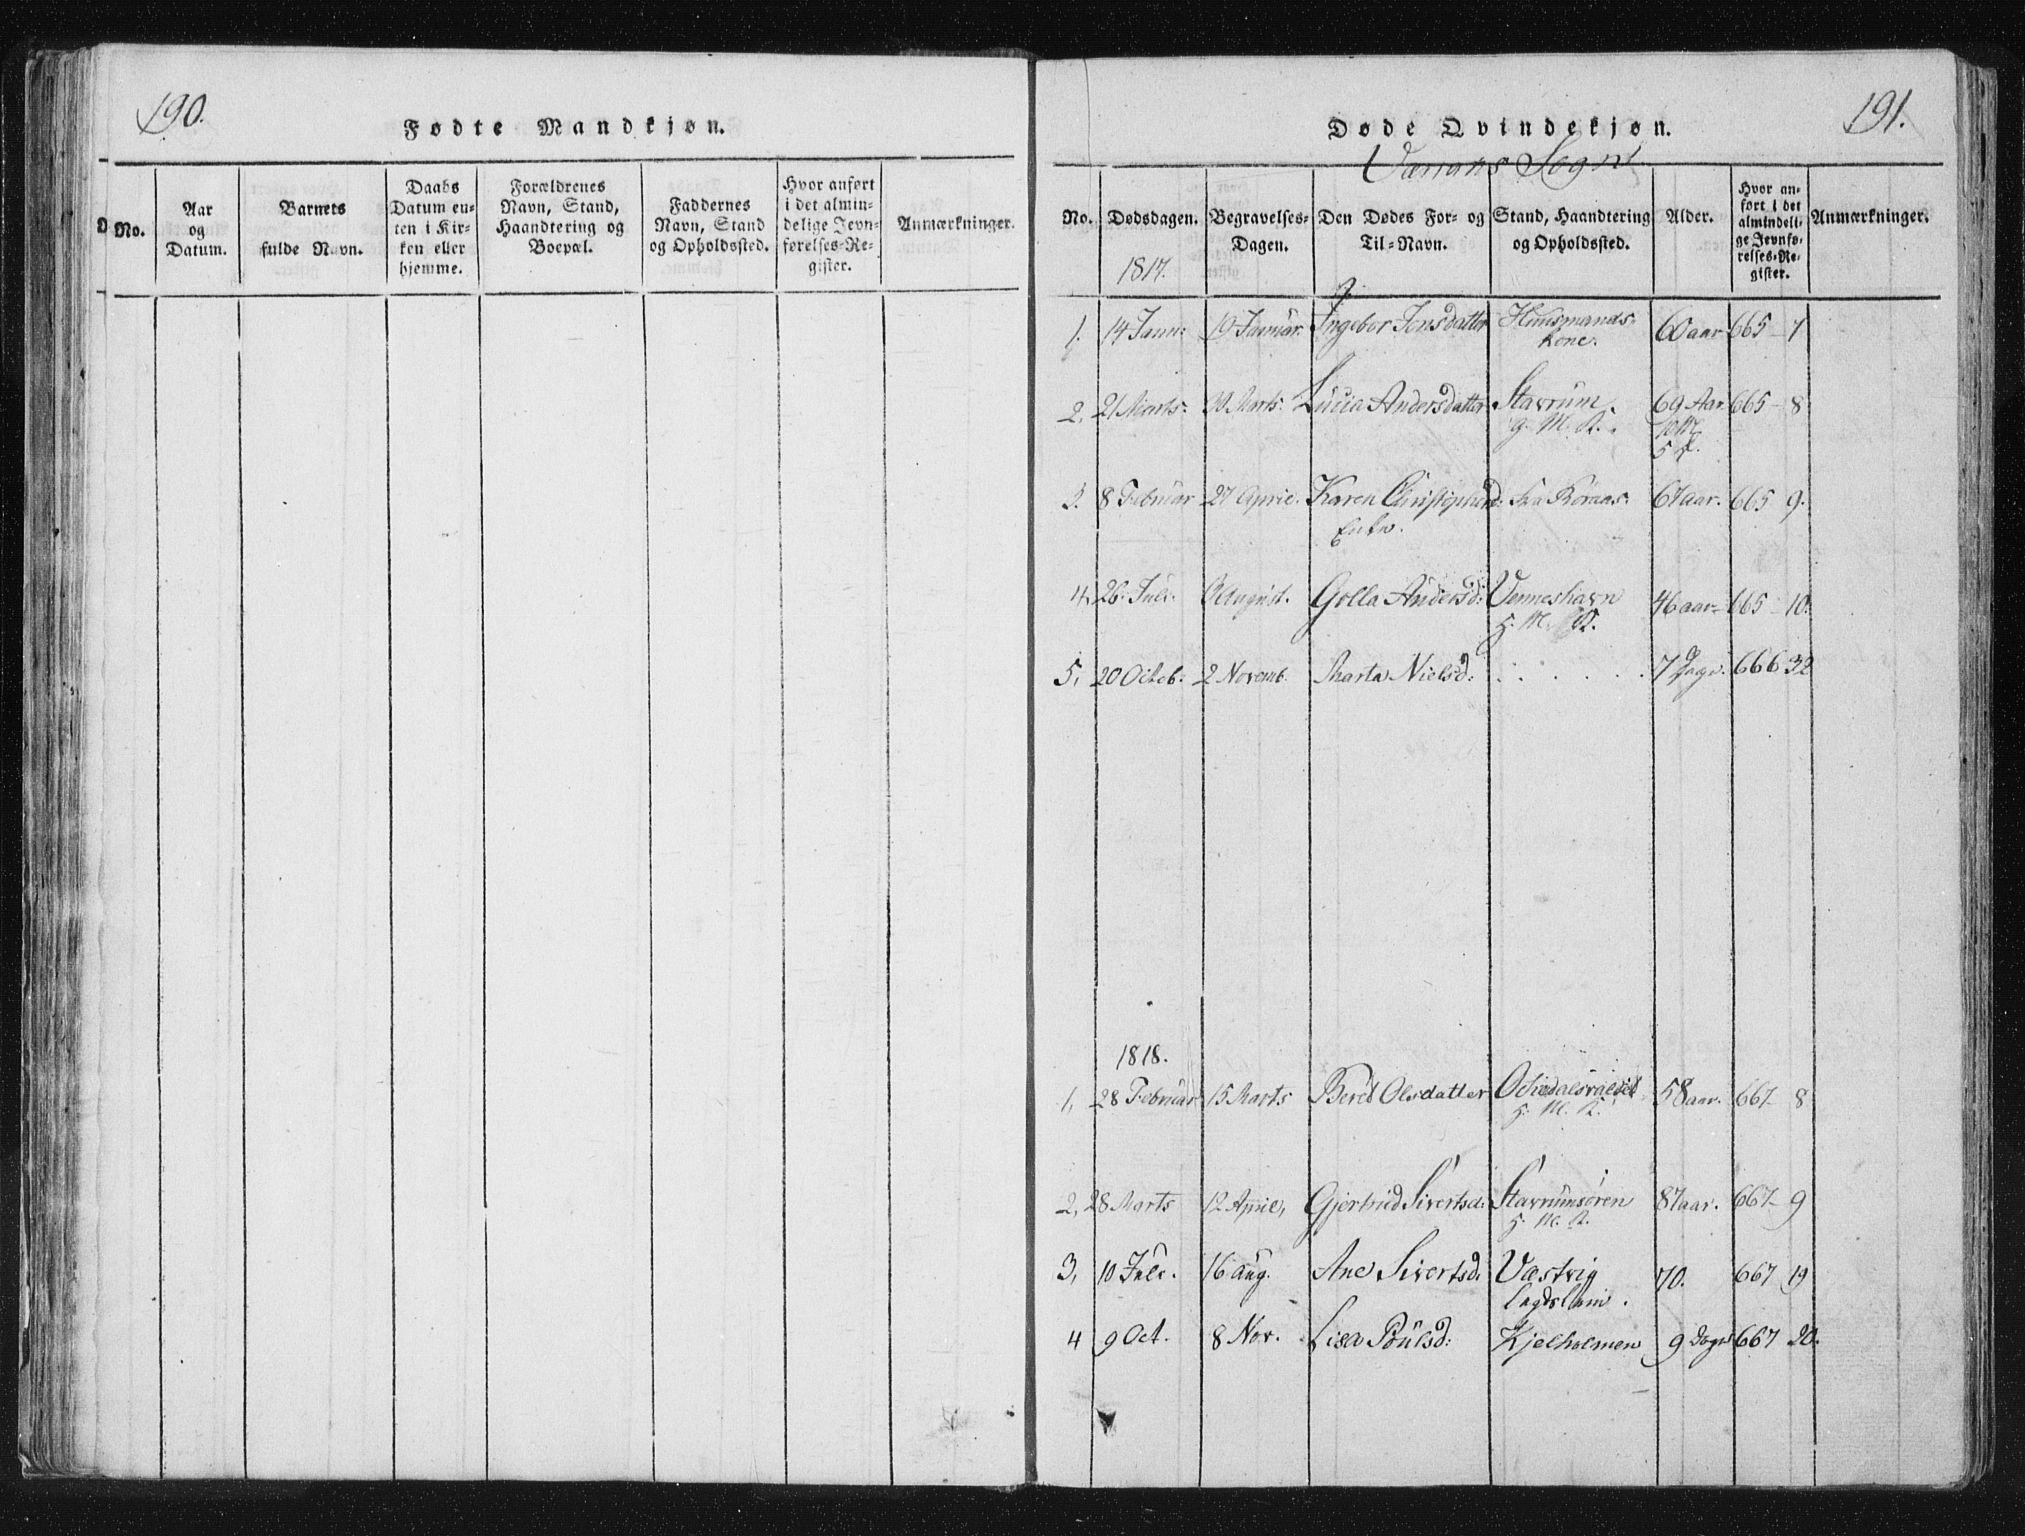 SAT, Ministerialprotokoller, klokkerbøker og fødselsregistre - Nord-Trøndelag, 744/L0417: Ministerialbok nr. 744A01, 1817-1842, s. 190-191